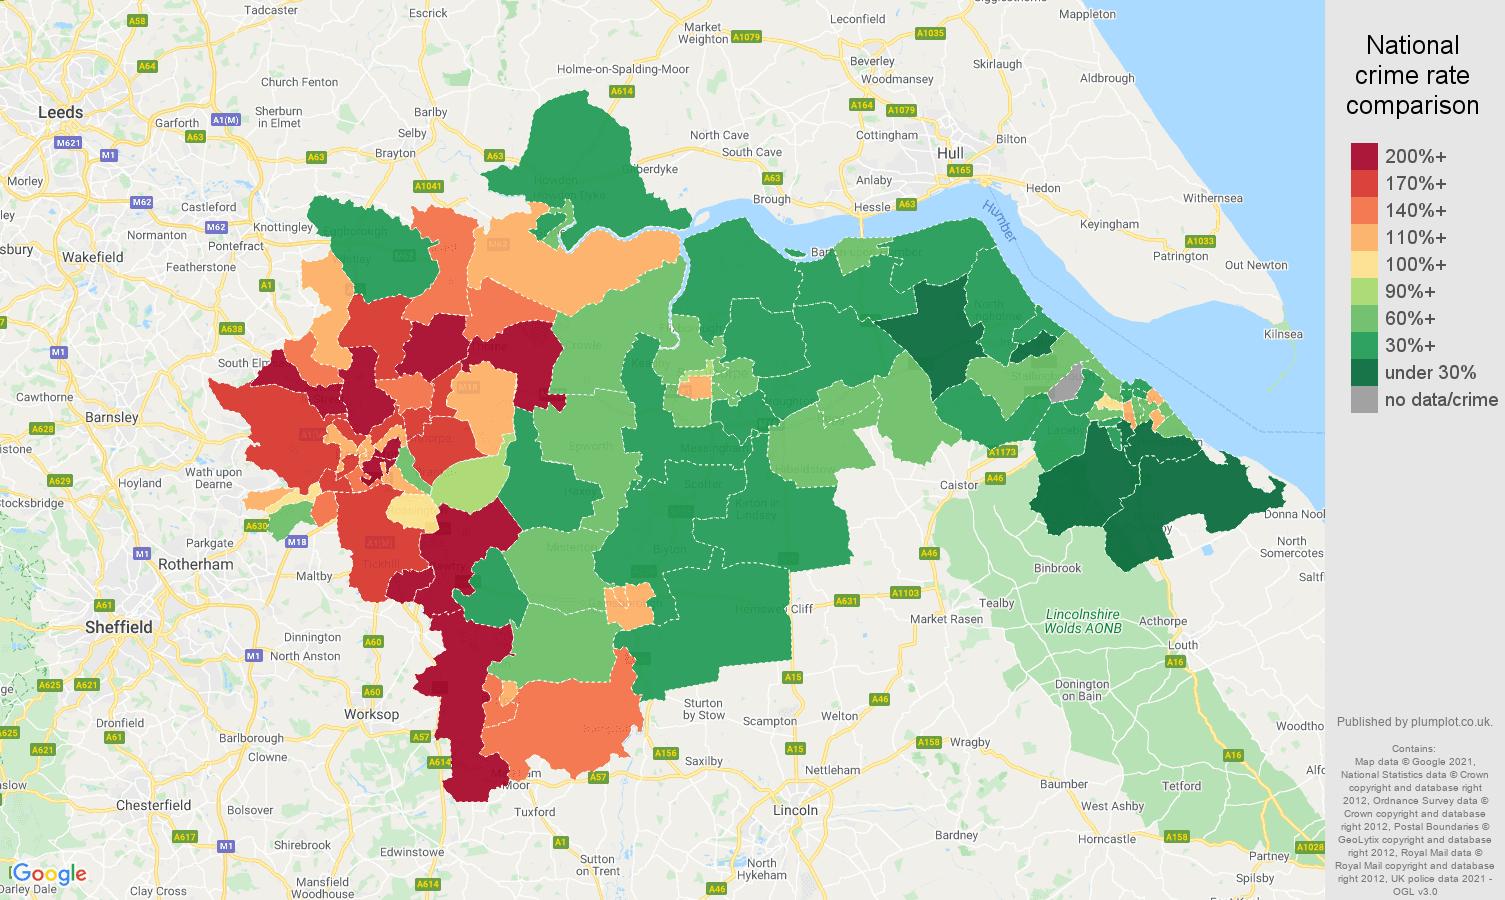 Doncaster vehicle crime rate comparison map